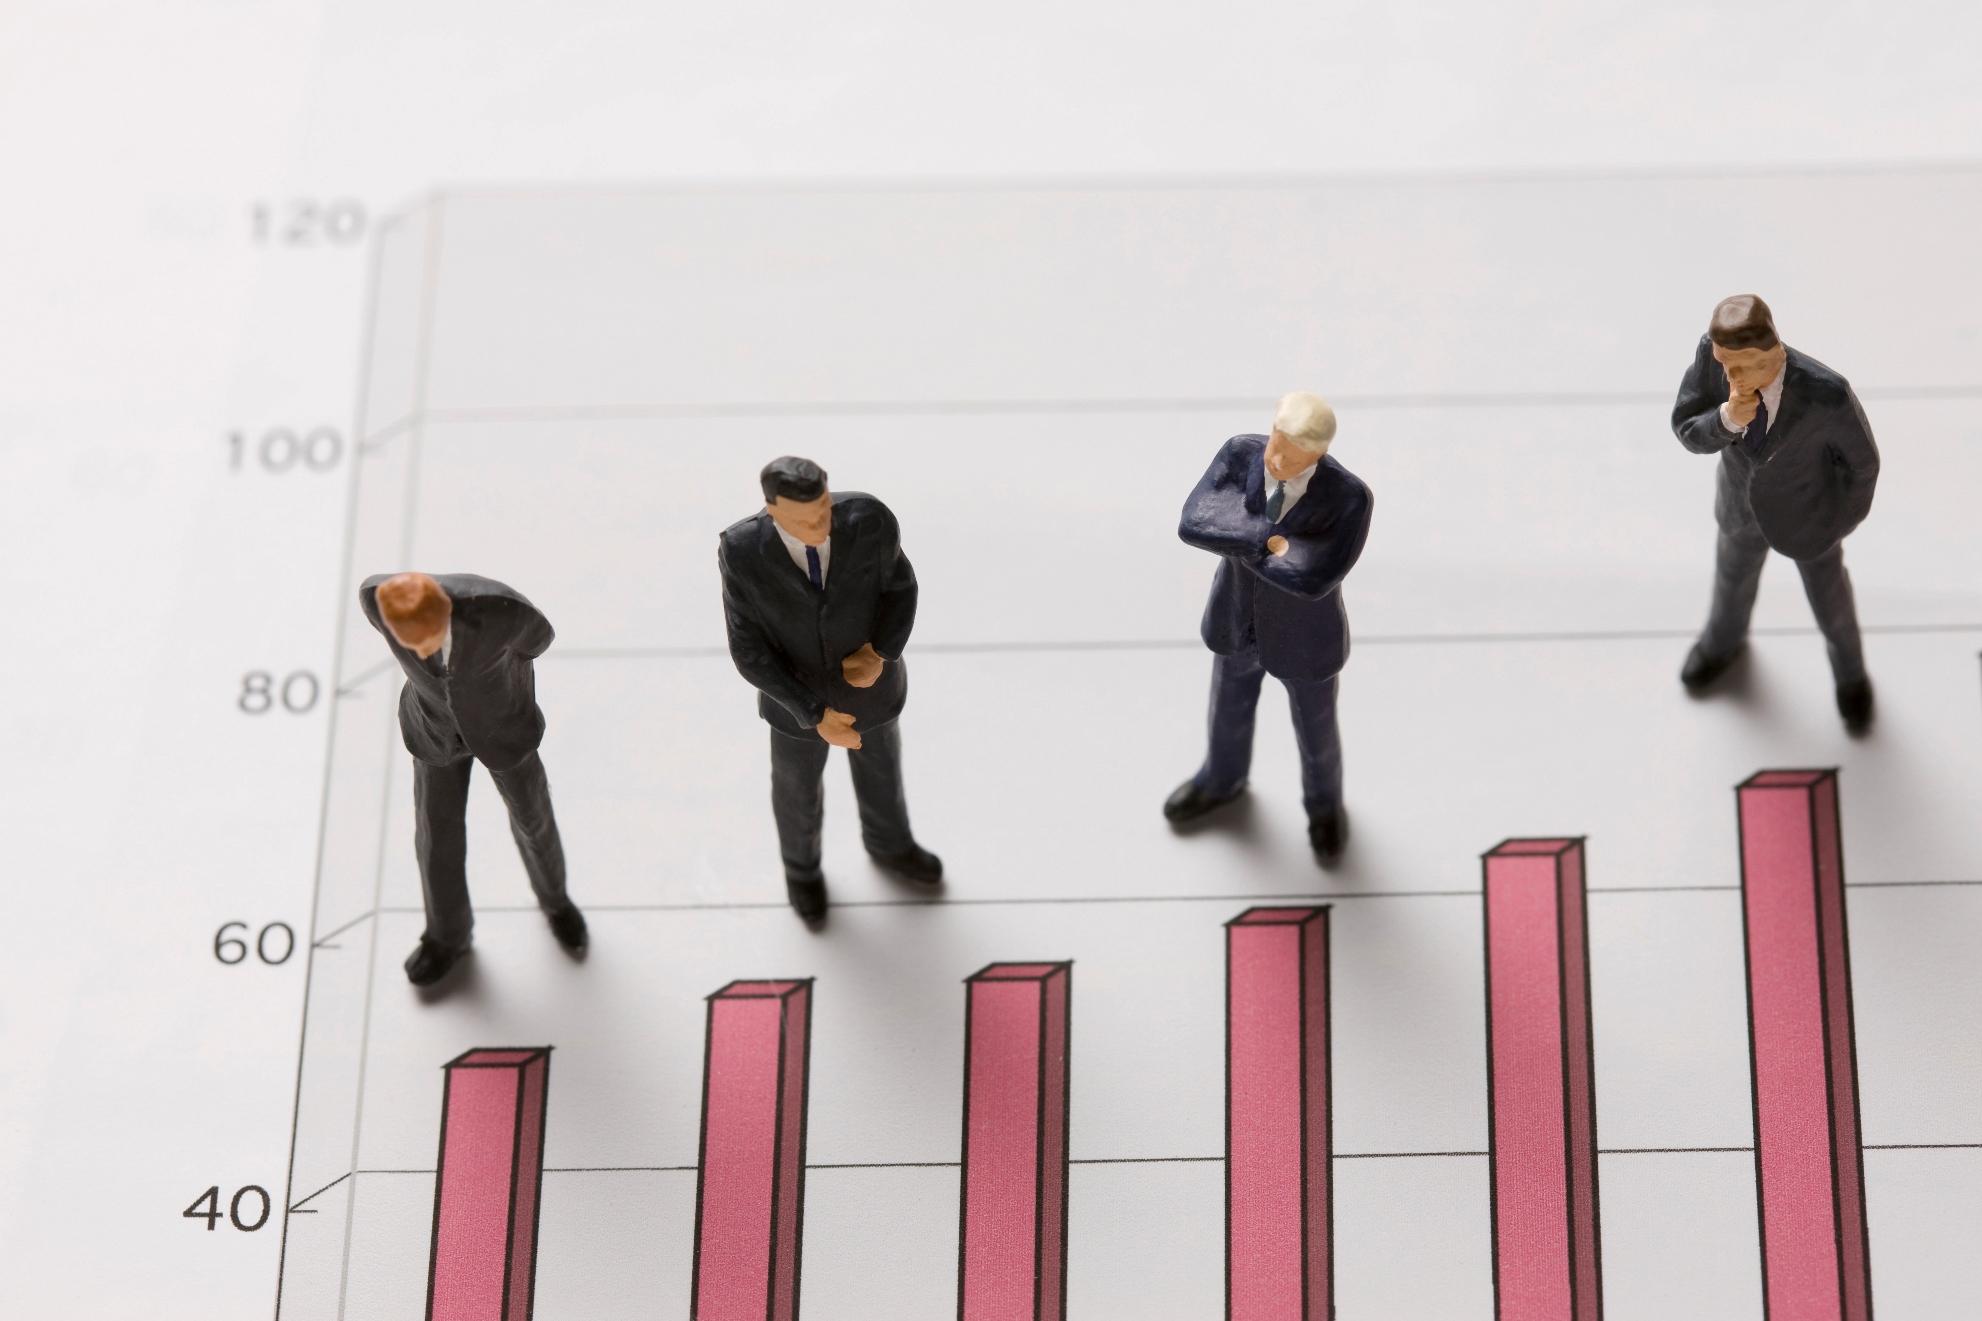 Τα πιο περιζήτητα επαγγέλματα σε Ελλάδα και εξωτερικό